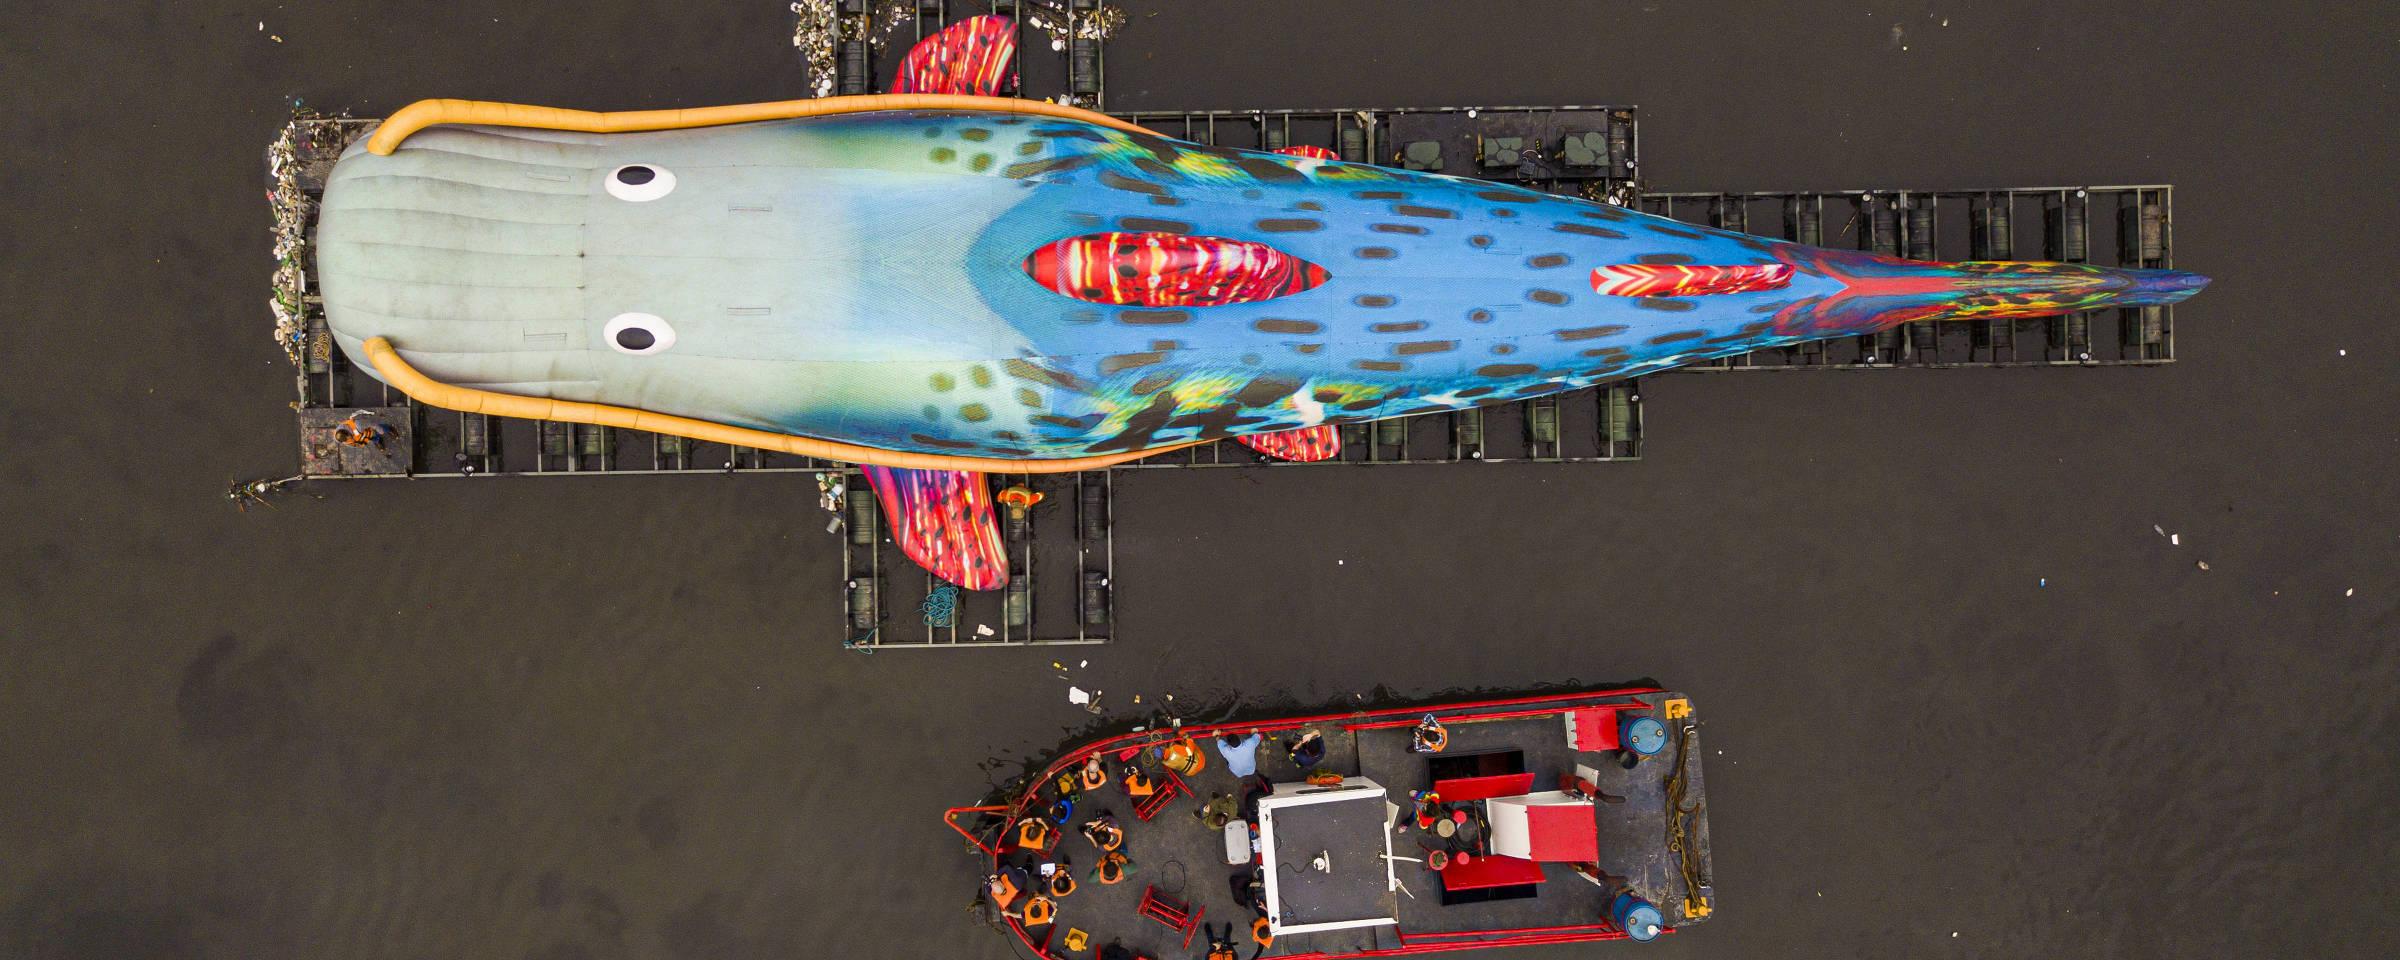 """""""PIntado"""", obra de 33 metros de Eduardo Srur navegando no Tietê para chamar atenção da população para a poluição dos rios urbanos."""